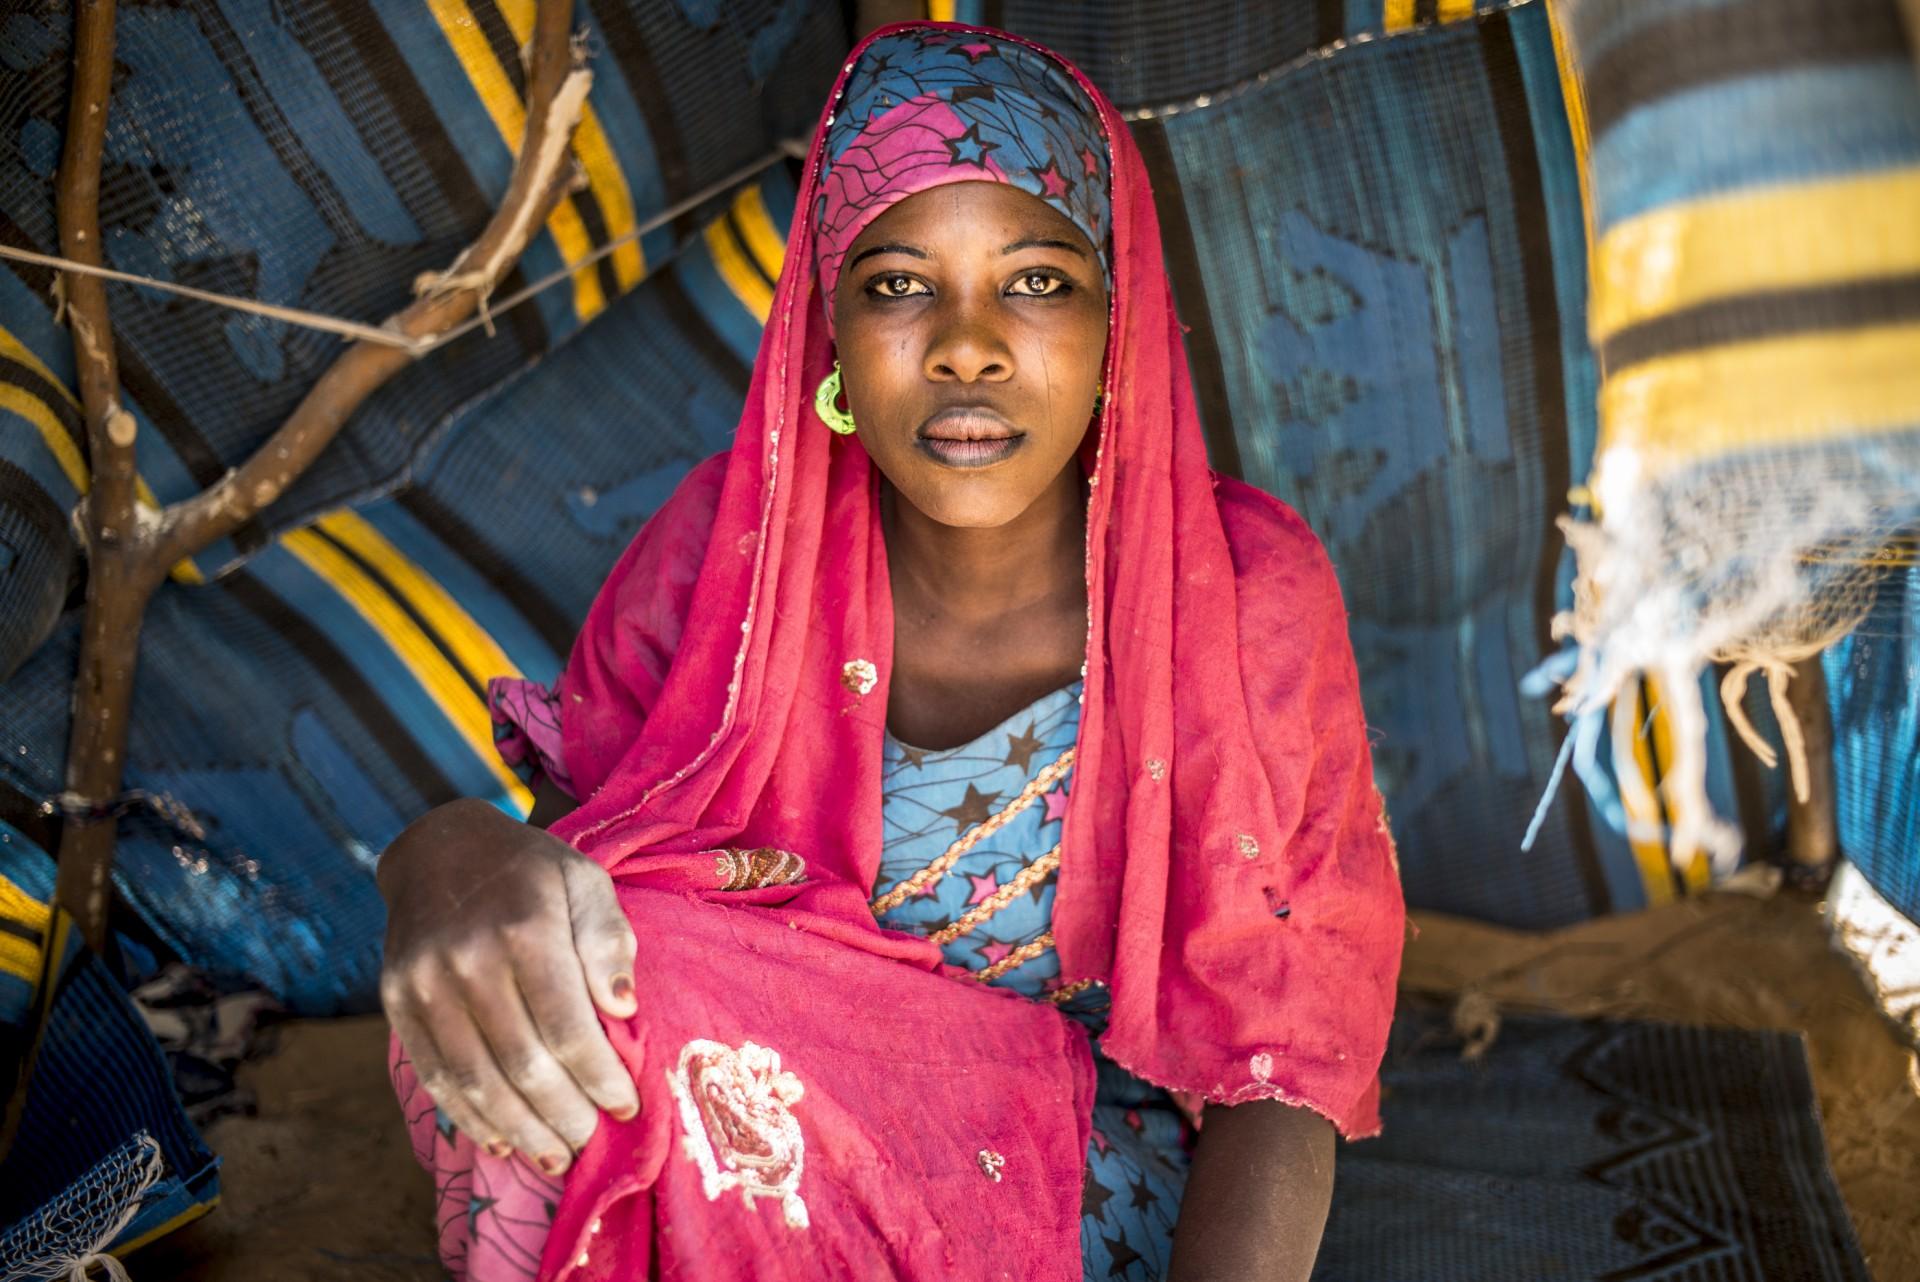 Depuis fŽvrier 2015, la rŽgion de Diffa au Niger sÕest convertie en objectif du groupe terroriste de la secte de Boko Haram. Seule la rivire saisonnire de Komadougou sŽpare cette rŽgion du nord-est du Nigeria ce qui facilite les incursions violentes des djihadistes sur le sol NigŽrien. Ces groupes armŽs attaquent les villages et terrorisent les populations.Cette violence continue a provoquŽ lÕexode de 250 000 personnes.Les affectŽs sÕinstallent sur des sites improvisŽs le long de la Route Nationale 1 qui connecte Diffa ˆ Niamey la capitale nigŽrienne.Ils vivent dans des conditions trs prŽcaires, ils nÕont accs ni ˆ lÕeau ni ˆ la nourriture. Ils sont pour la plupart pcheurs ou cultivateurs mais pour des raisons de sŽcuritŽ, les autoritŽs nigŽriennes ont interdit lÕaccs aux rives du Komadougou o ils concentraient toutes leurs activitŽs.  La rŽgion de Diffa vit une grave crise humanitaire dans le pays le plus pauvre du monde.